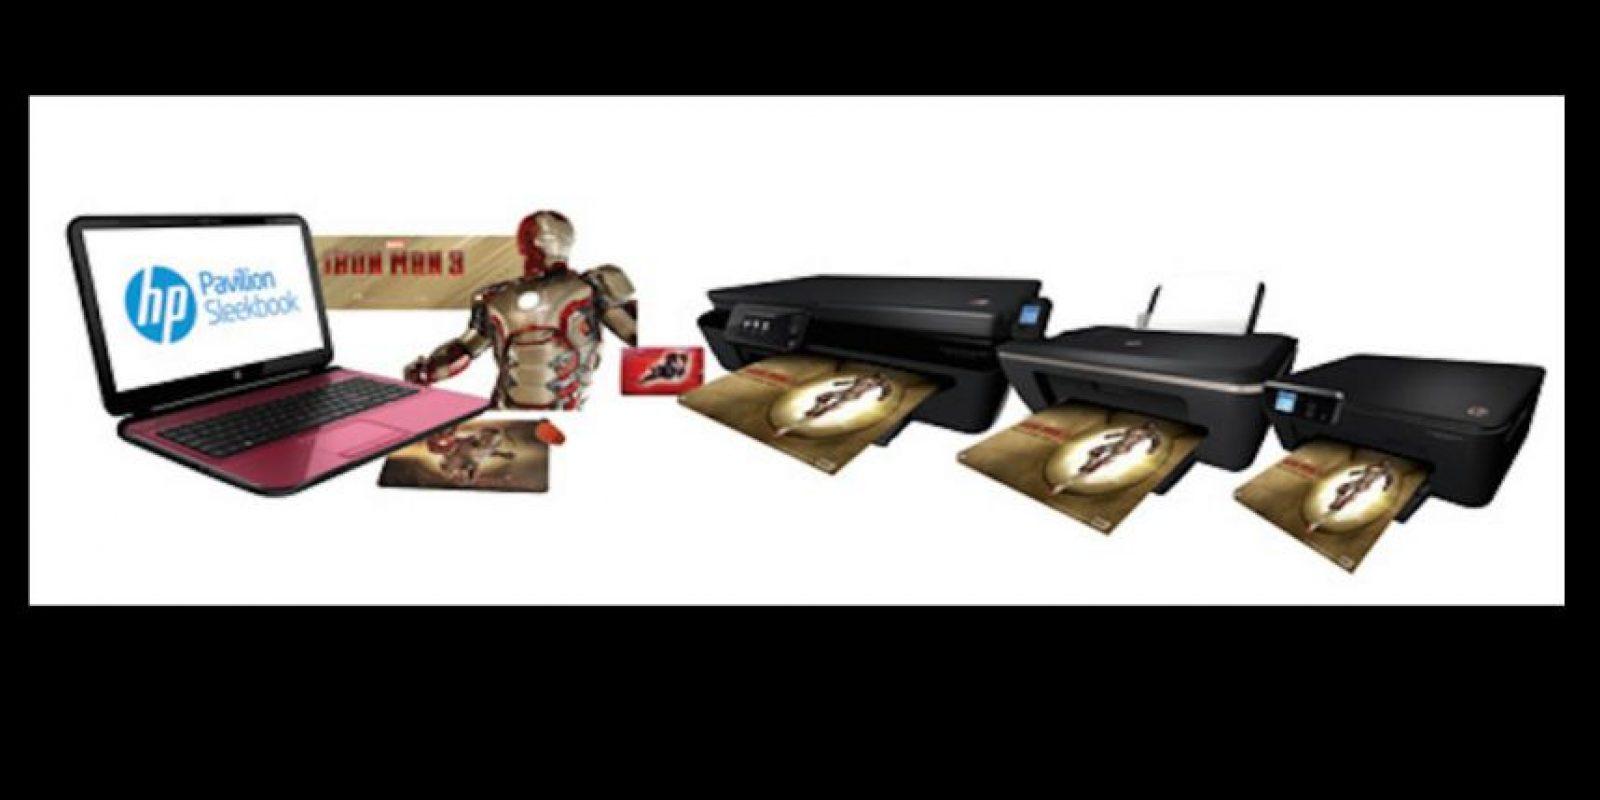 """HP presentó en 2013 una notebook Sleekbook y una impresora HP Deskjet Ink Advantage edición """"Iron Man"""" Foto:HP"""